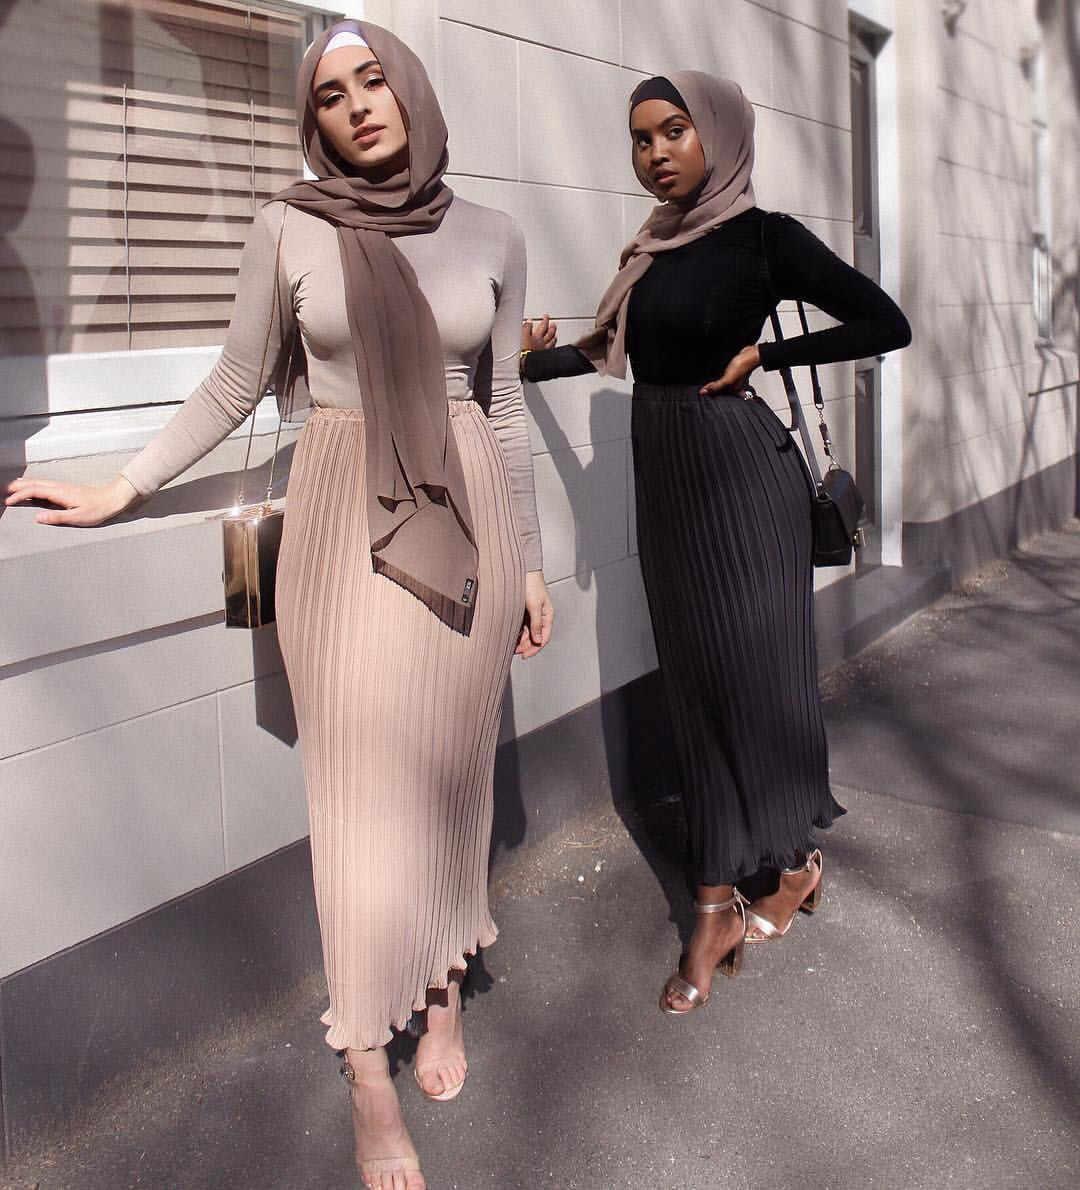 女性イスラム教徒鉛筆ロングスカートシフォンプリーツスカート弾性スカートハイウエストアラブ首長国連邦イスラムアフリカ服パーティーマキシスカート